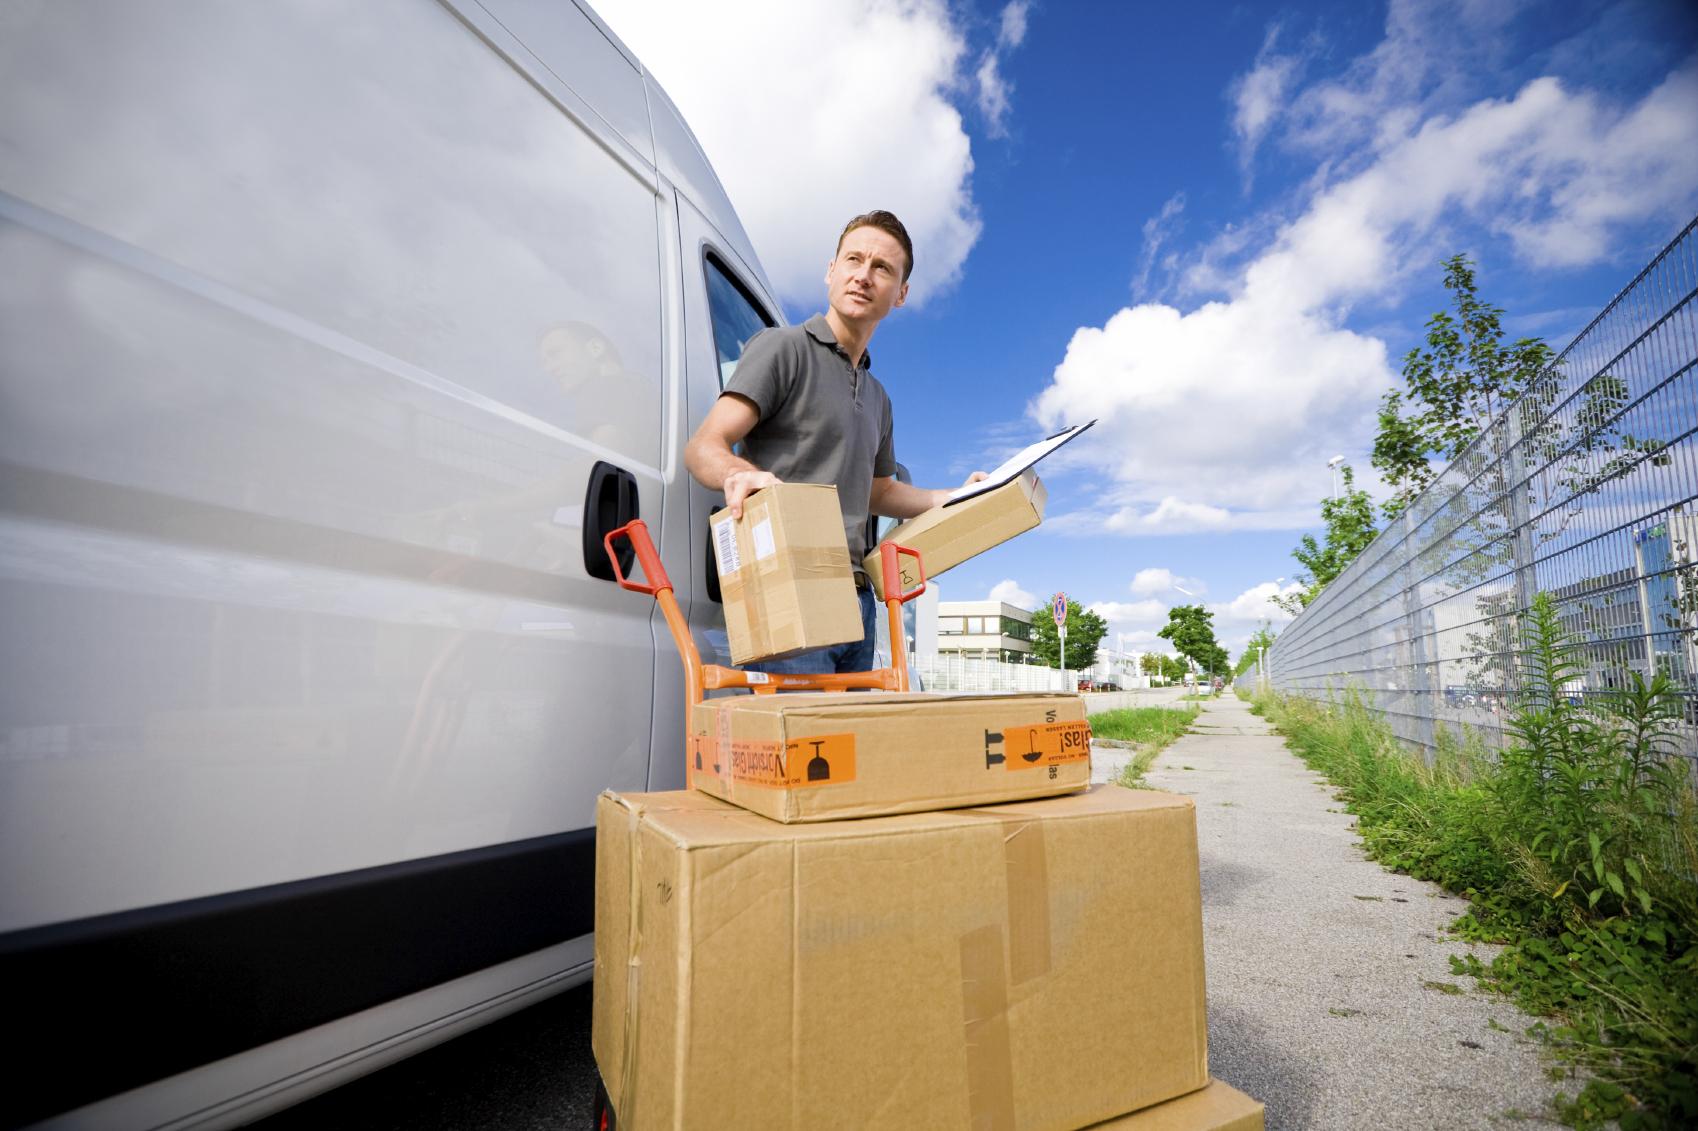 Van Hire or Van Buyer What Do You Do?